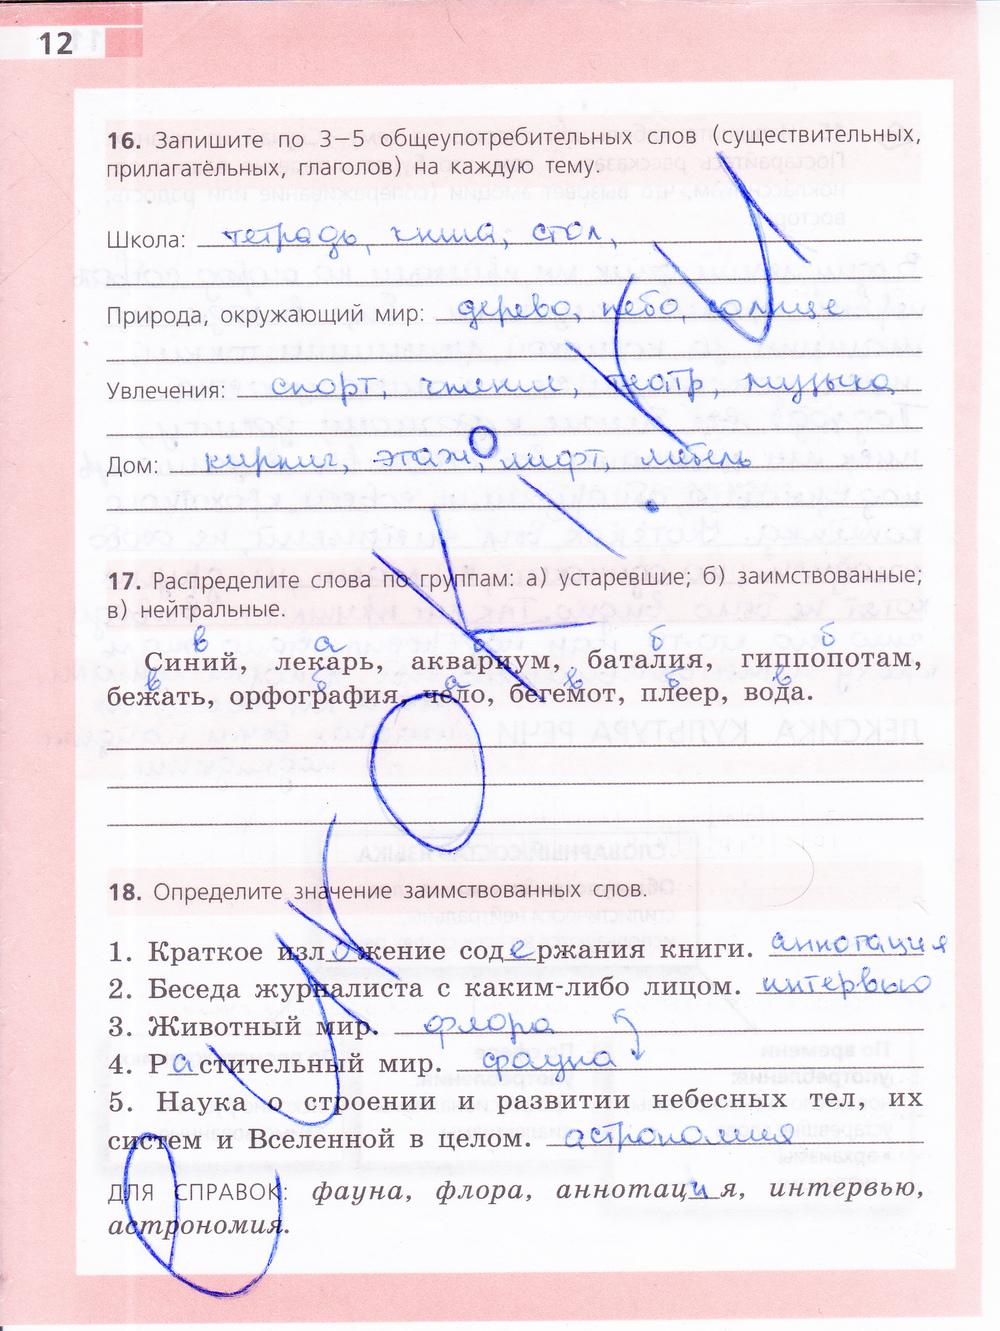 Гдз по русскому языку рабочая тетрадь 9 класса ефремова рабочая тетрадь